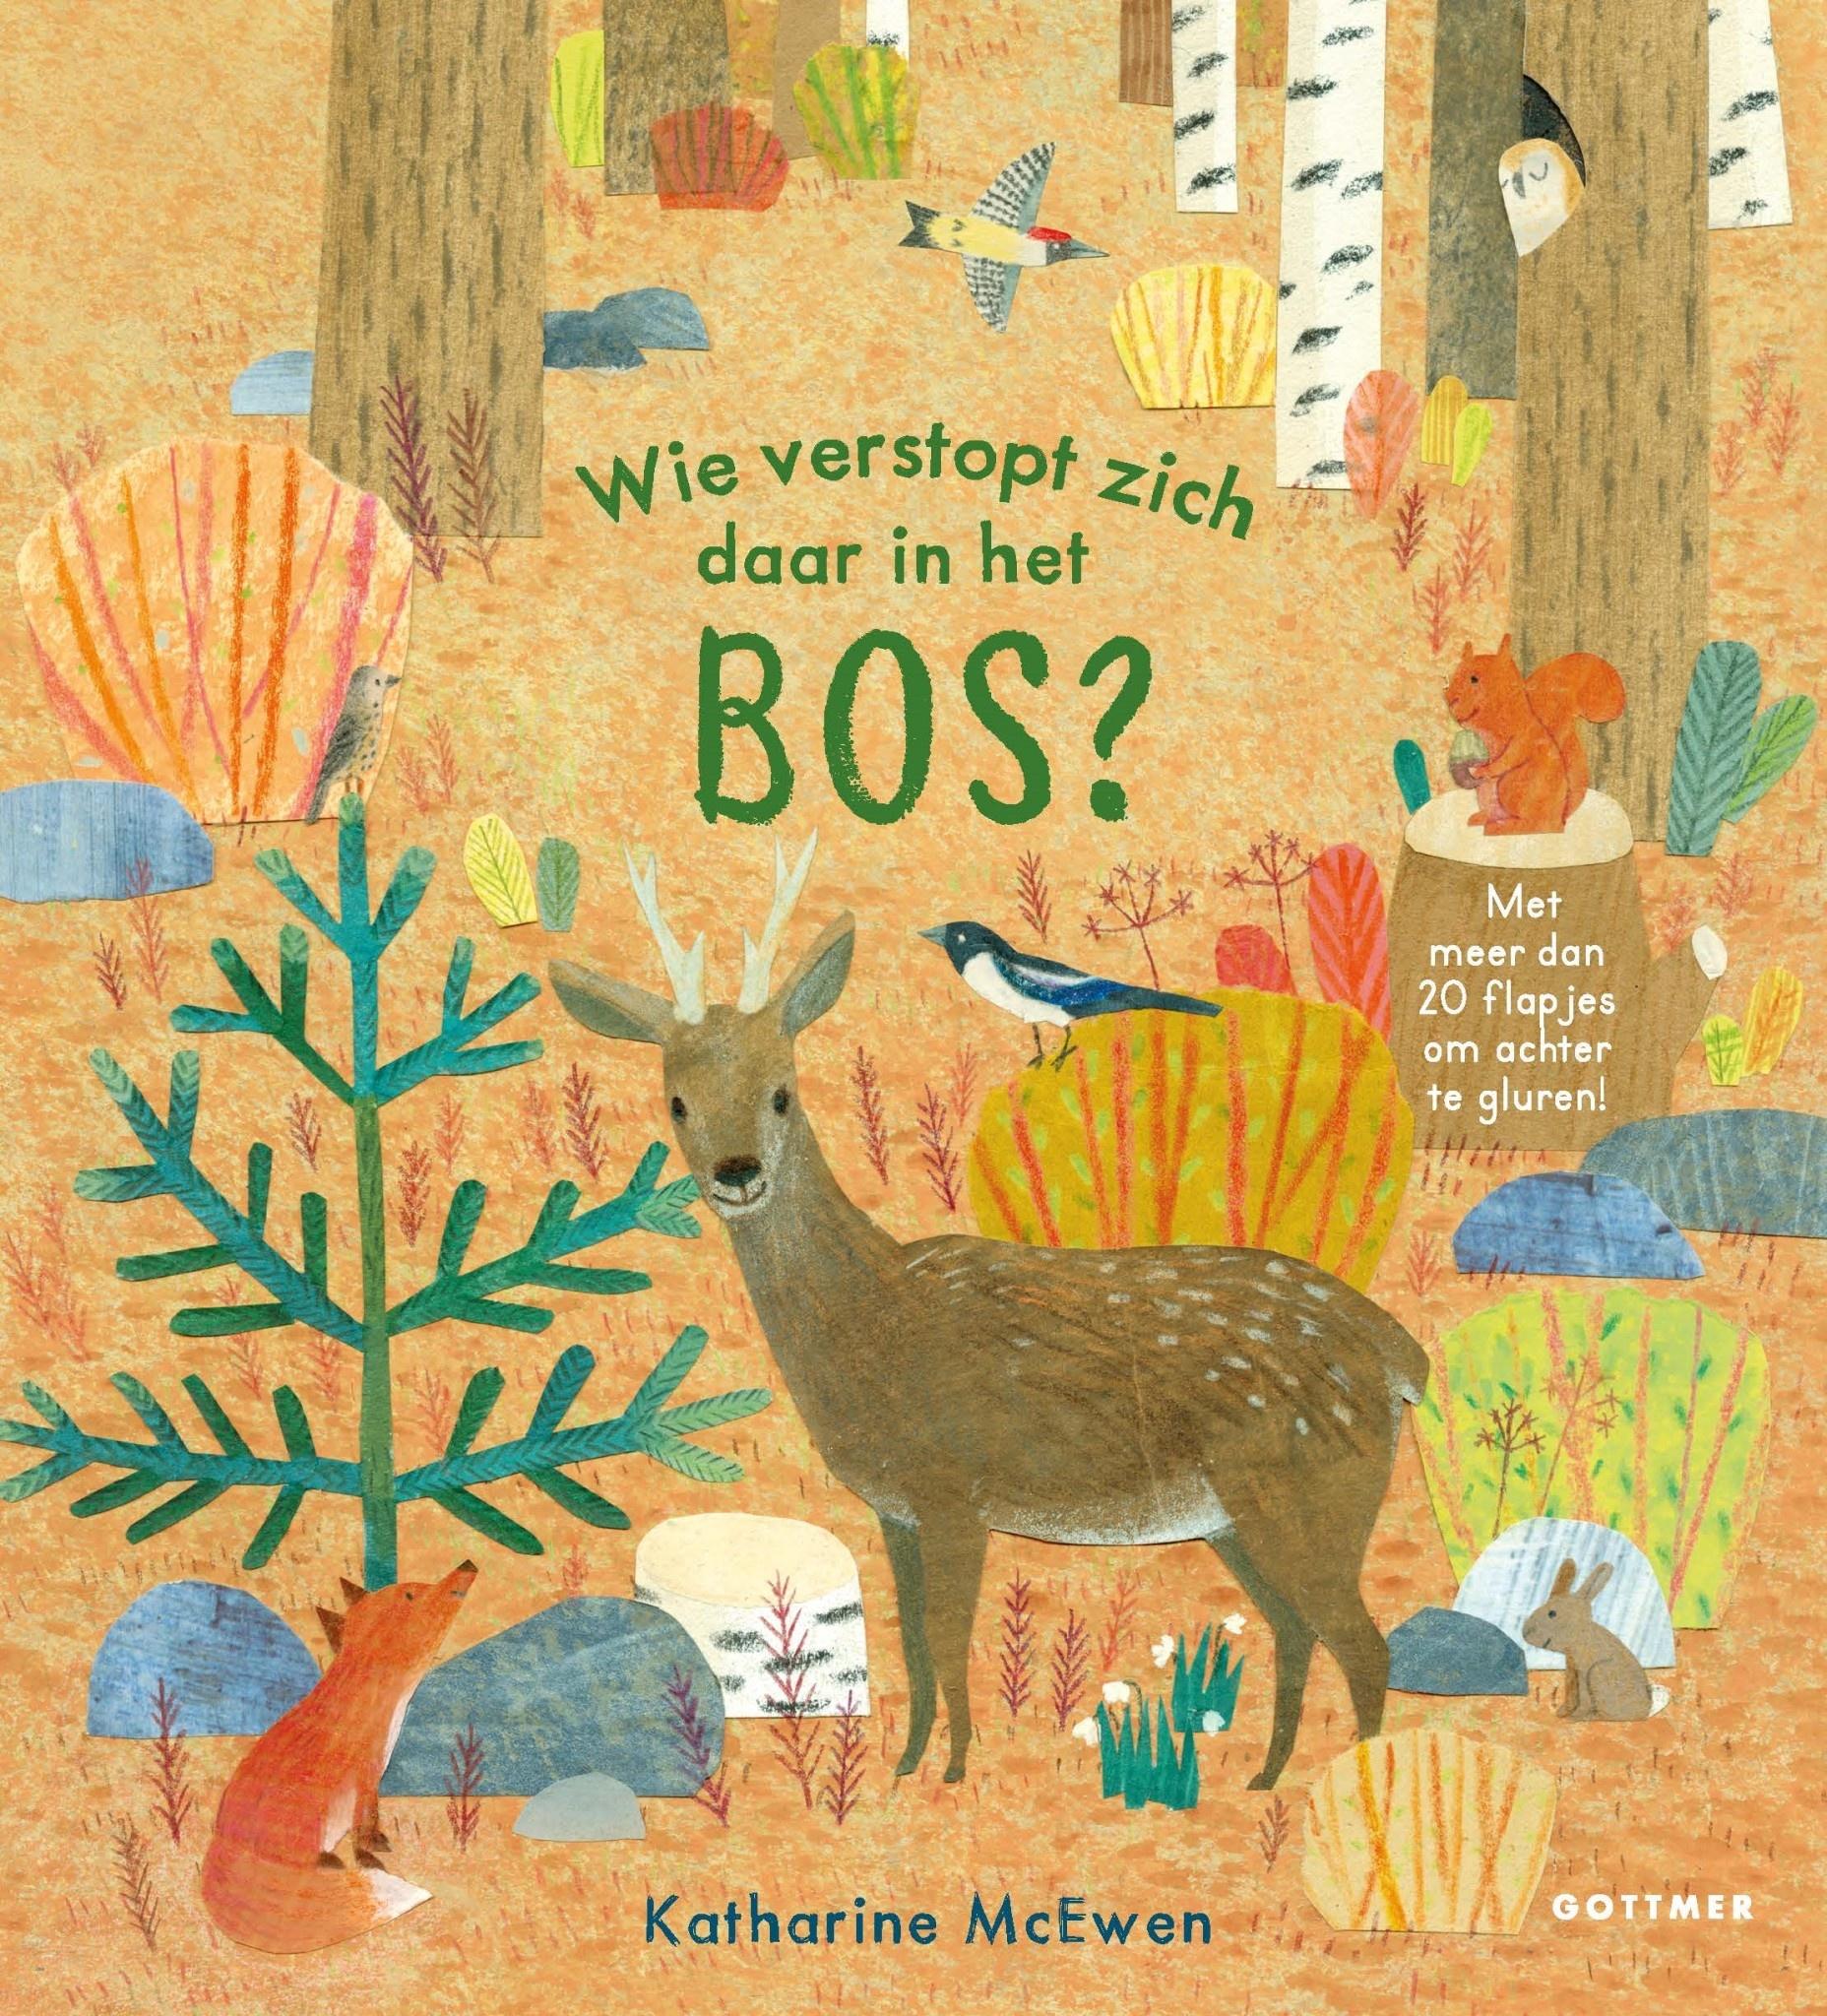 Boek- wie verstopt zich daar in het bos?-1